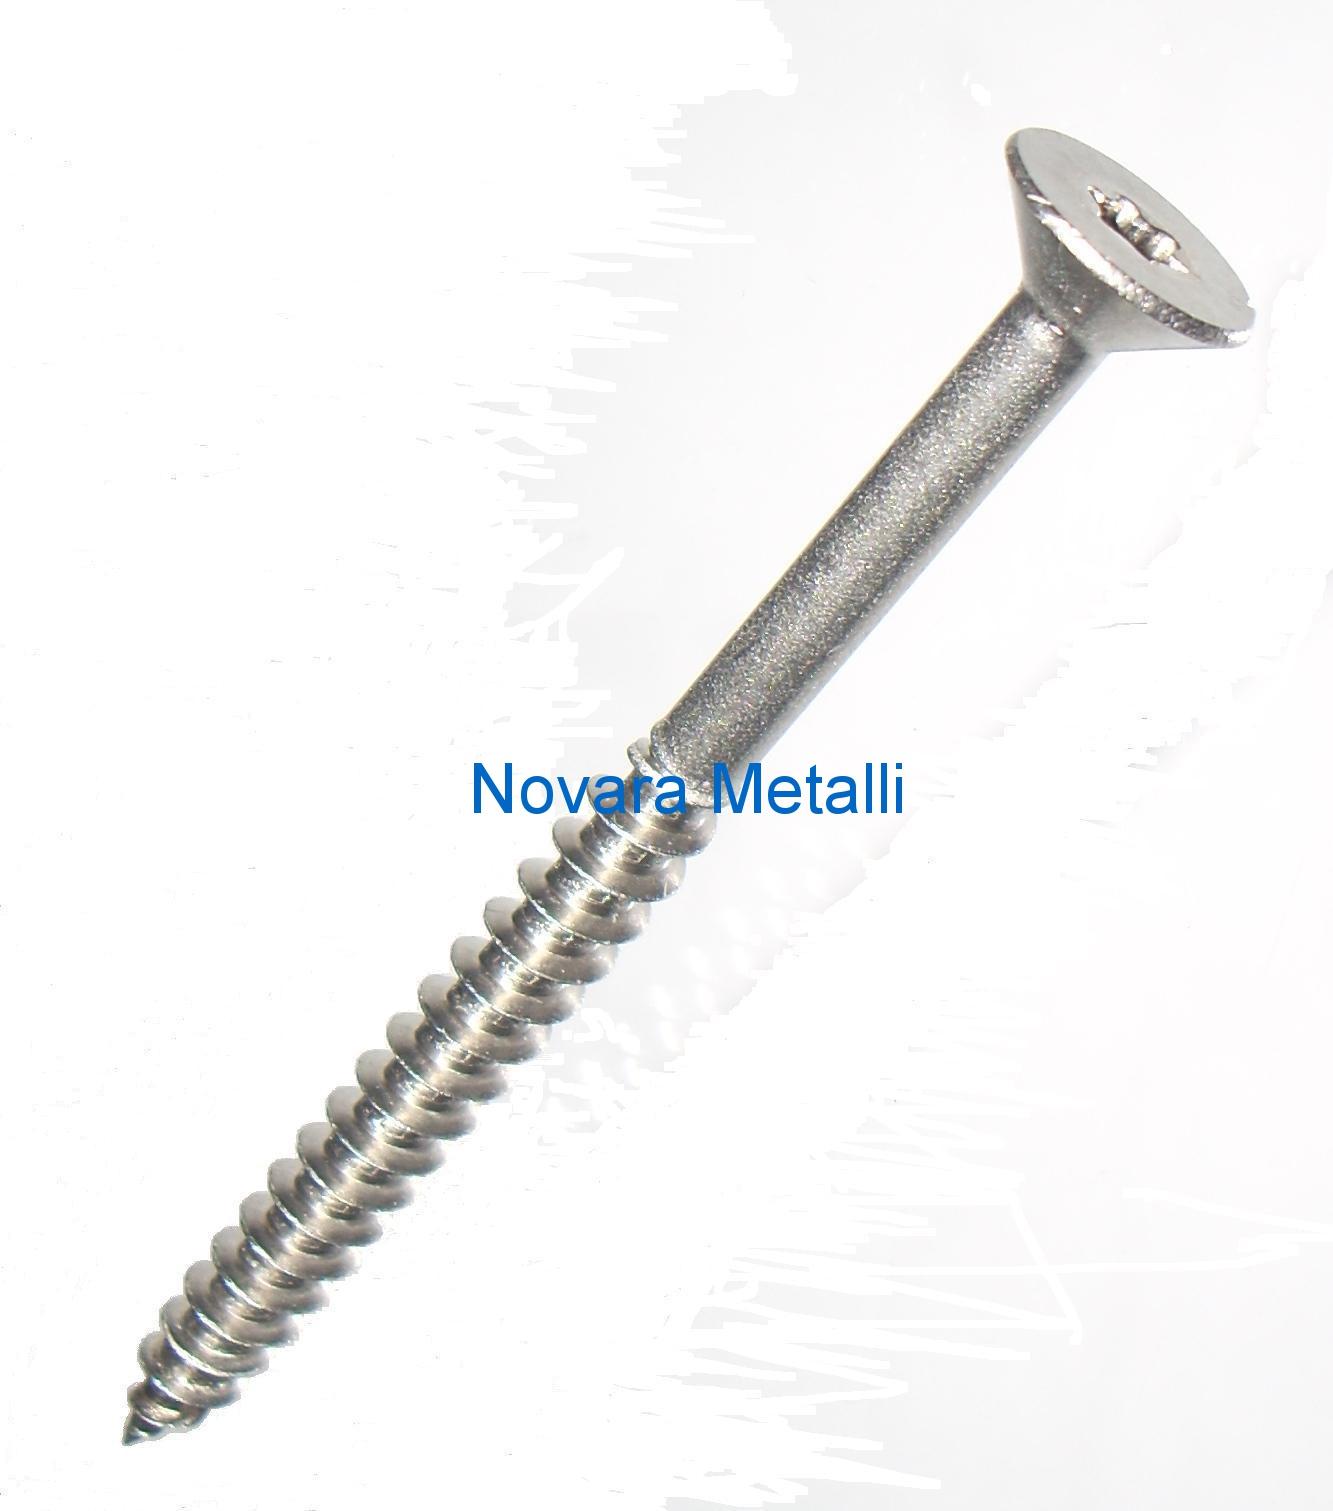 Viti in acciaio inox fischer italia - tasselli e sistemi di fissaggio